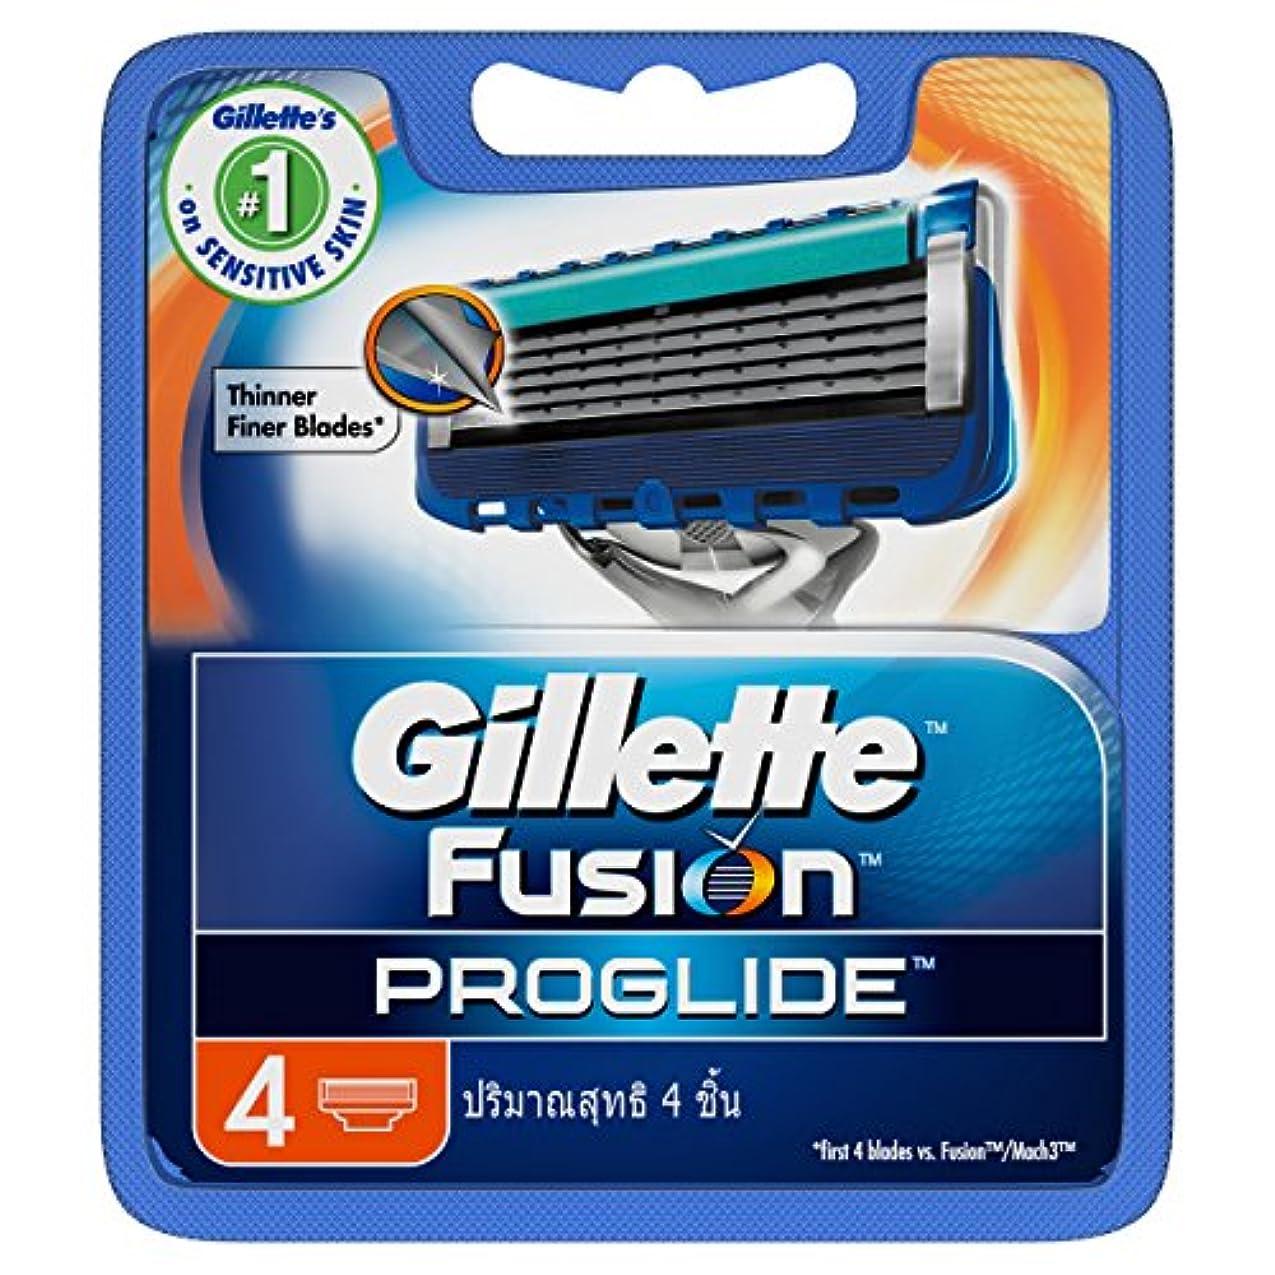 曲線酸度スイッチGillette Fusion Proglide Shaving Cartridges 4